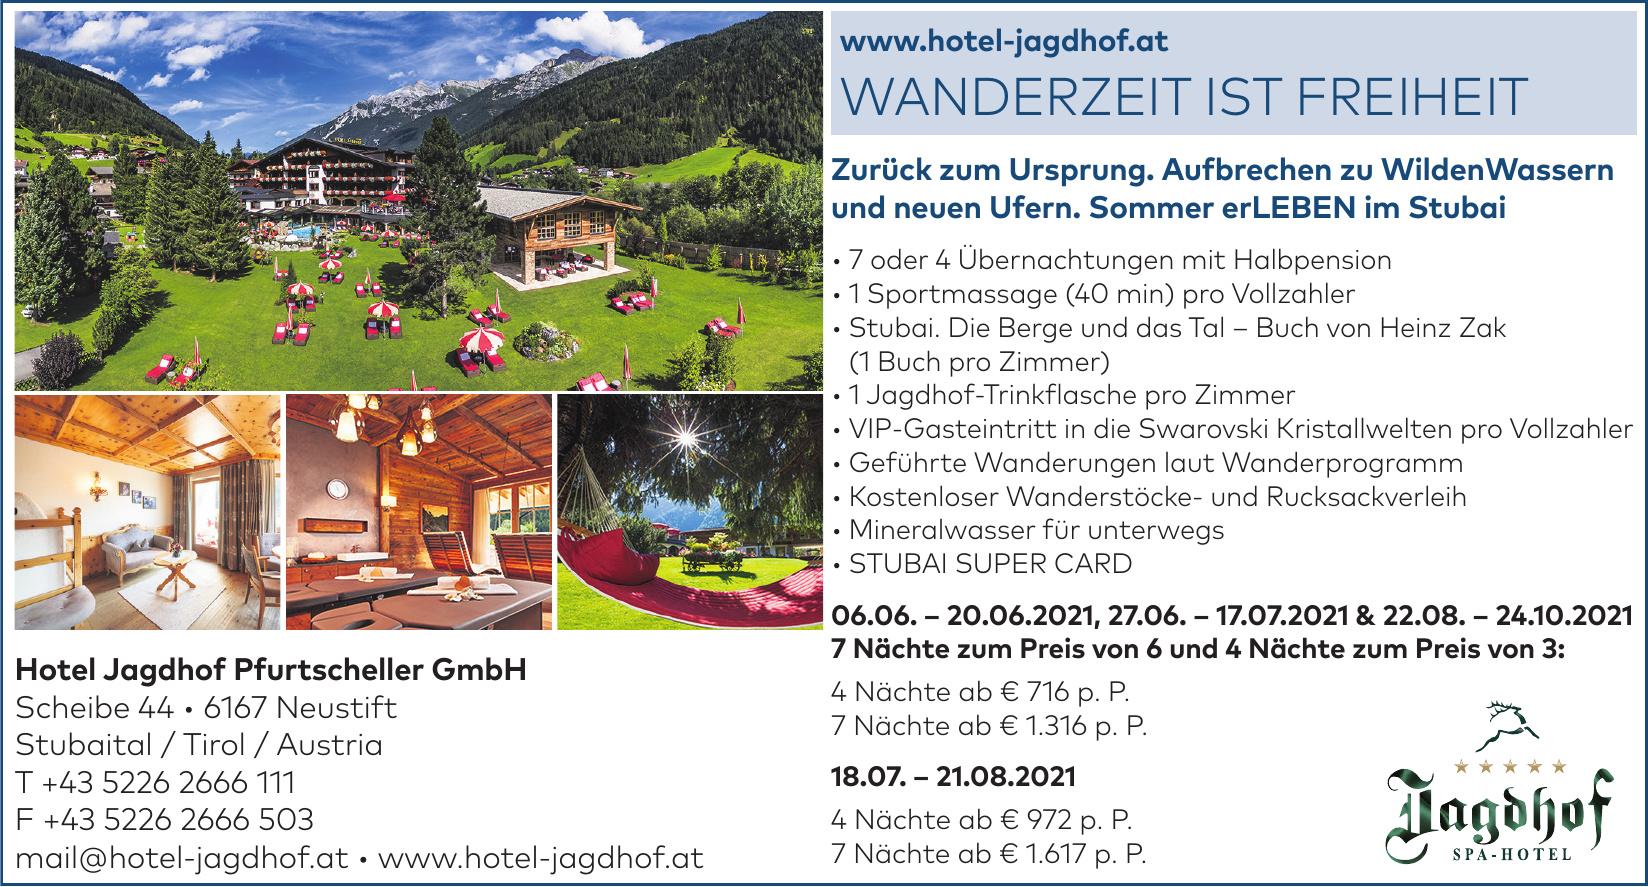 Hotel Jagdhof Pfurtscheller GmbH